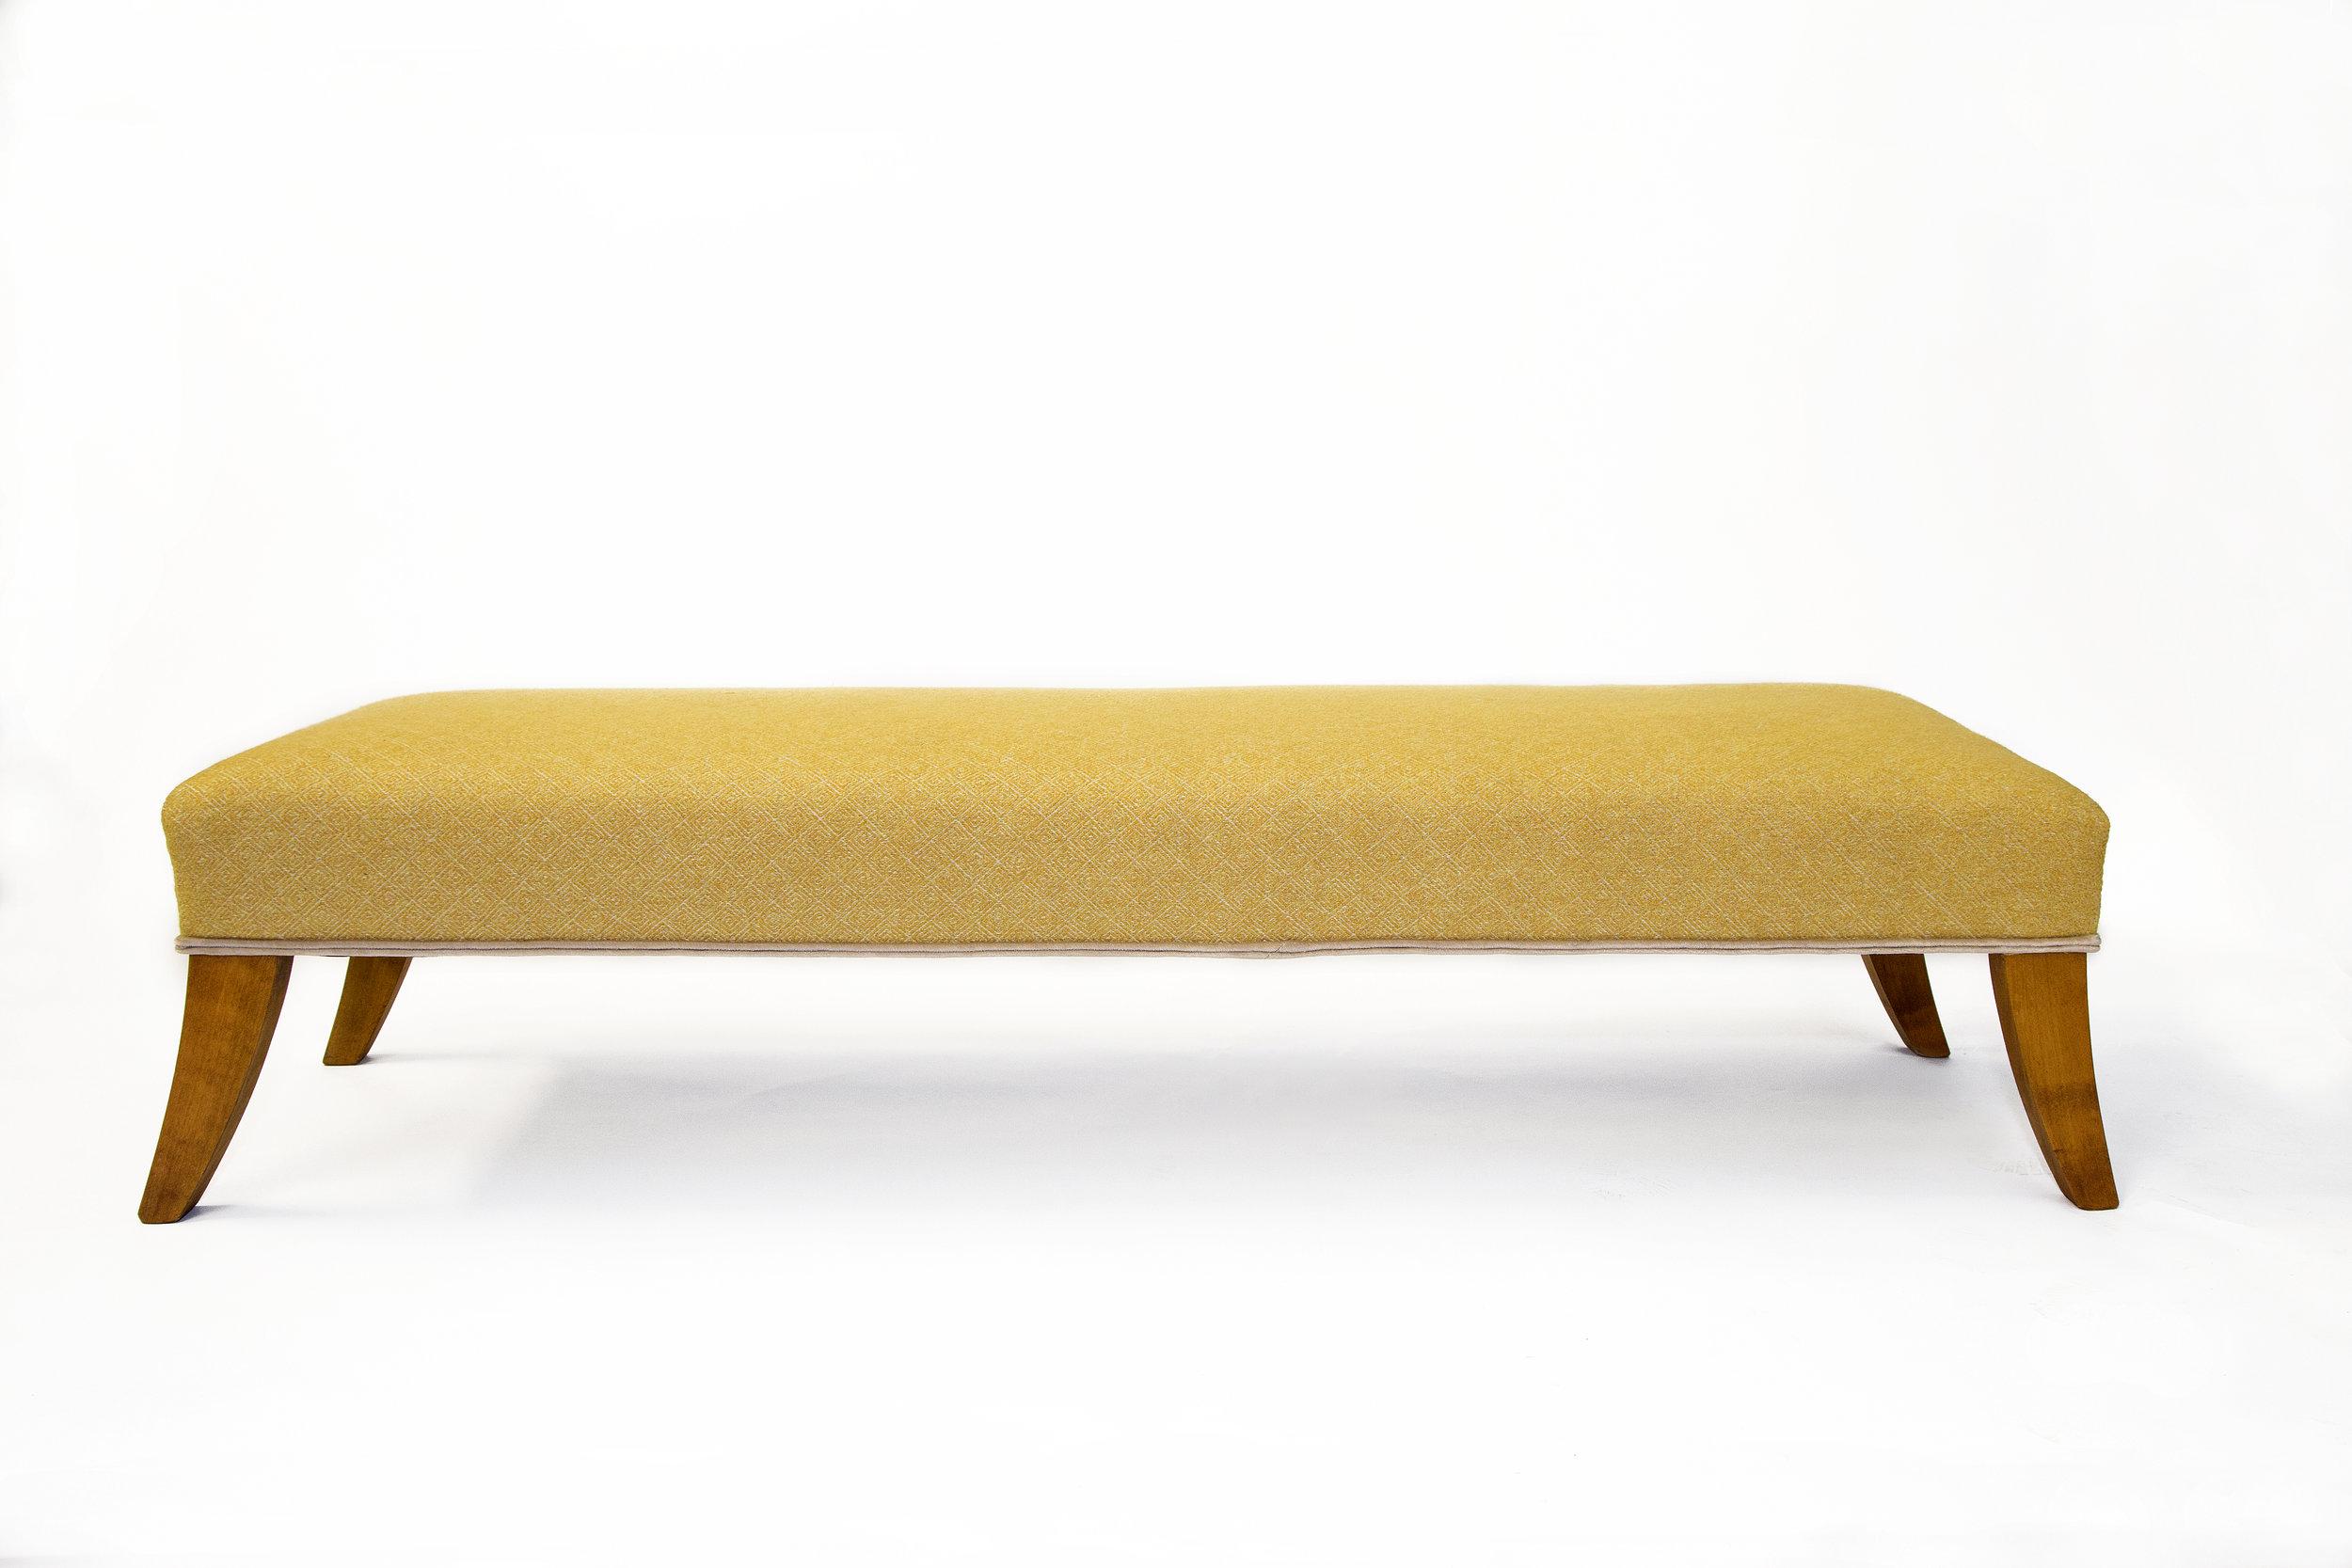 long slender table stool